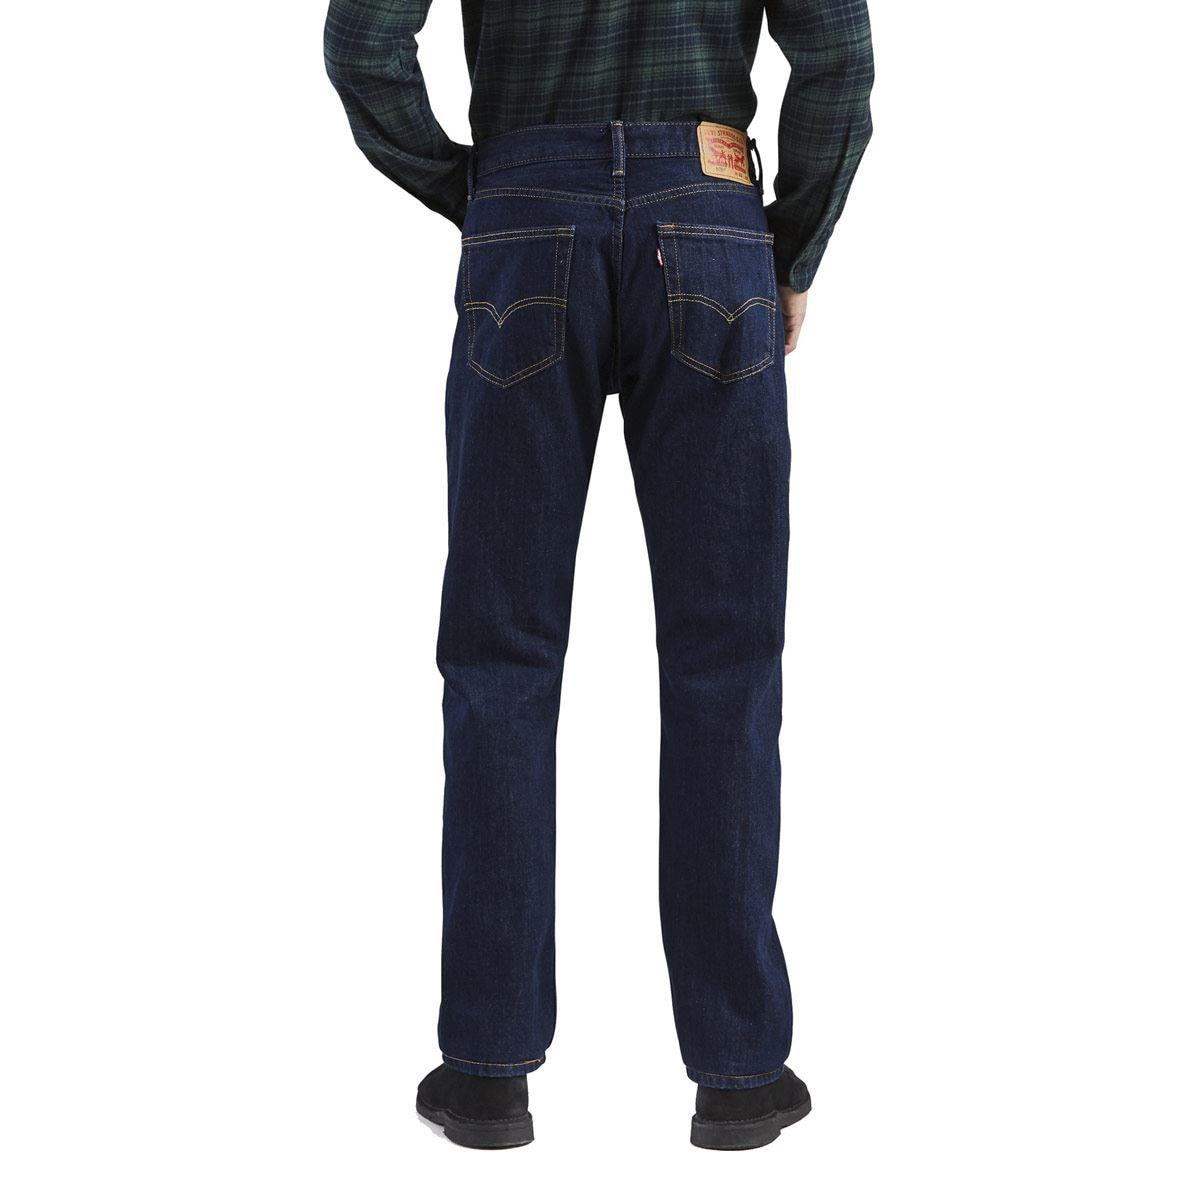 Jeans Levi's 505 Regular Fit Jeans 29x32